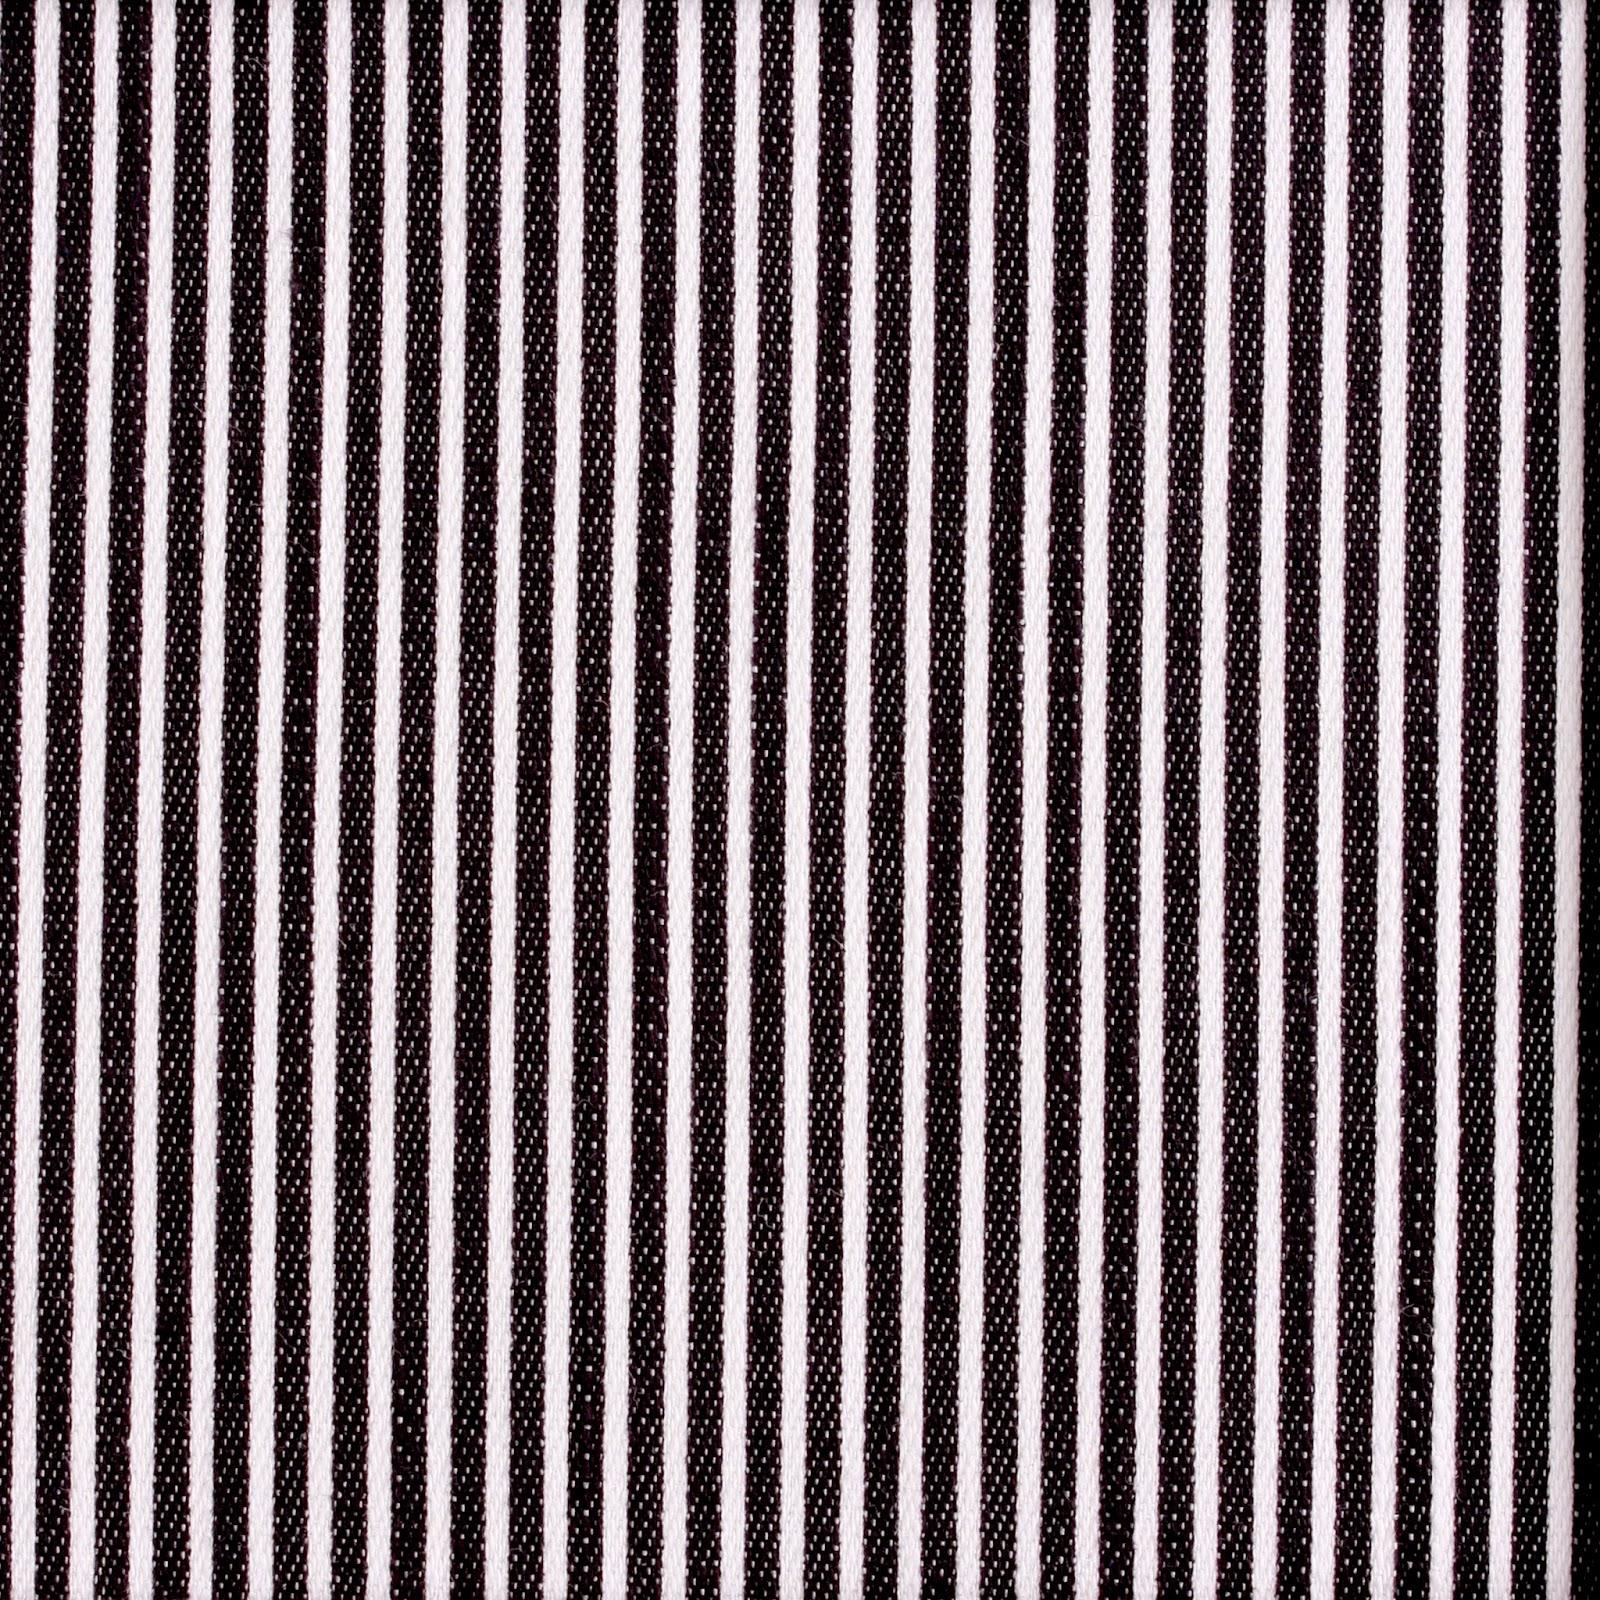 Mælkedrengestribet stof i sort og hvid